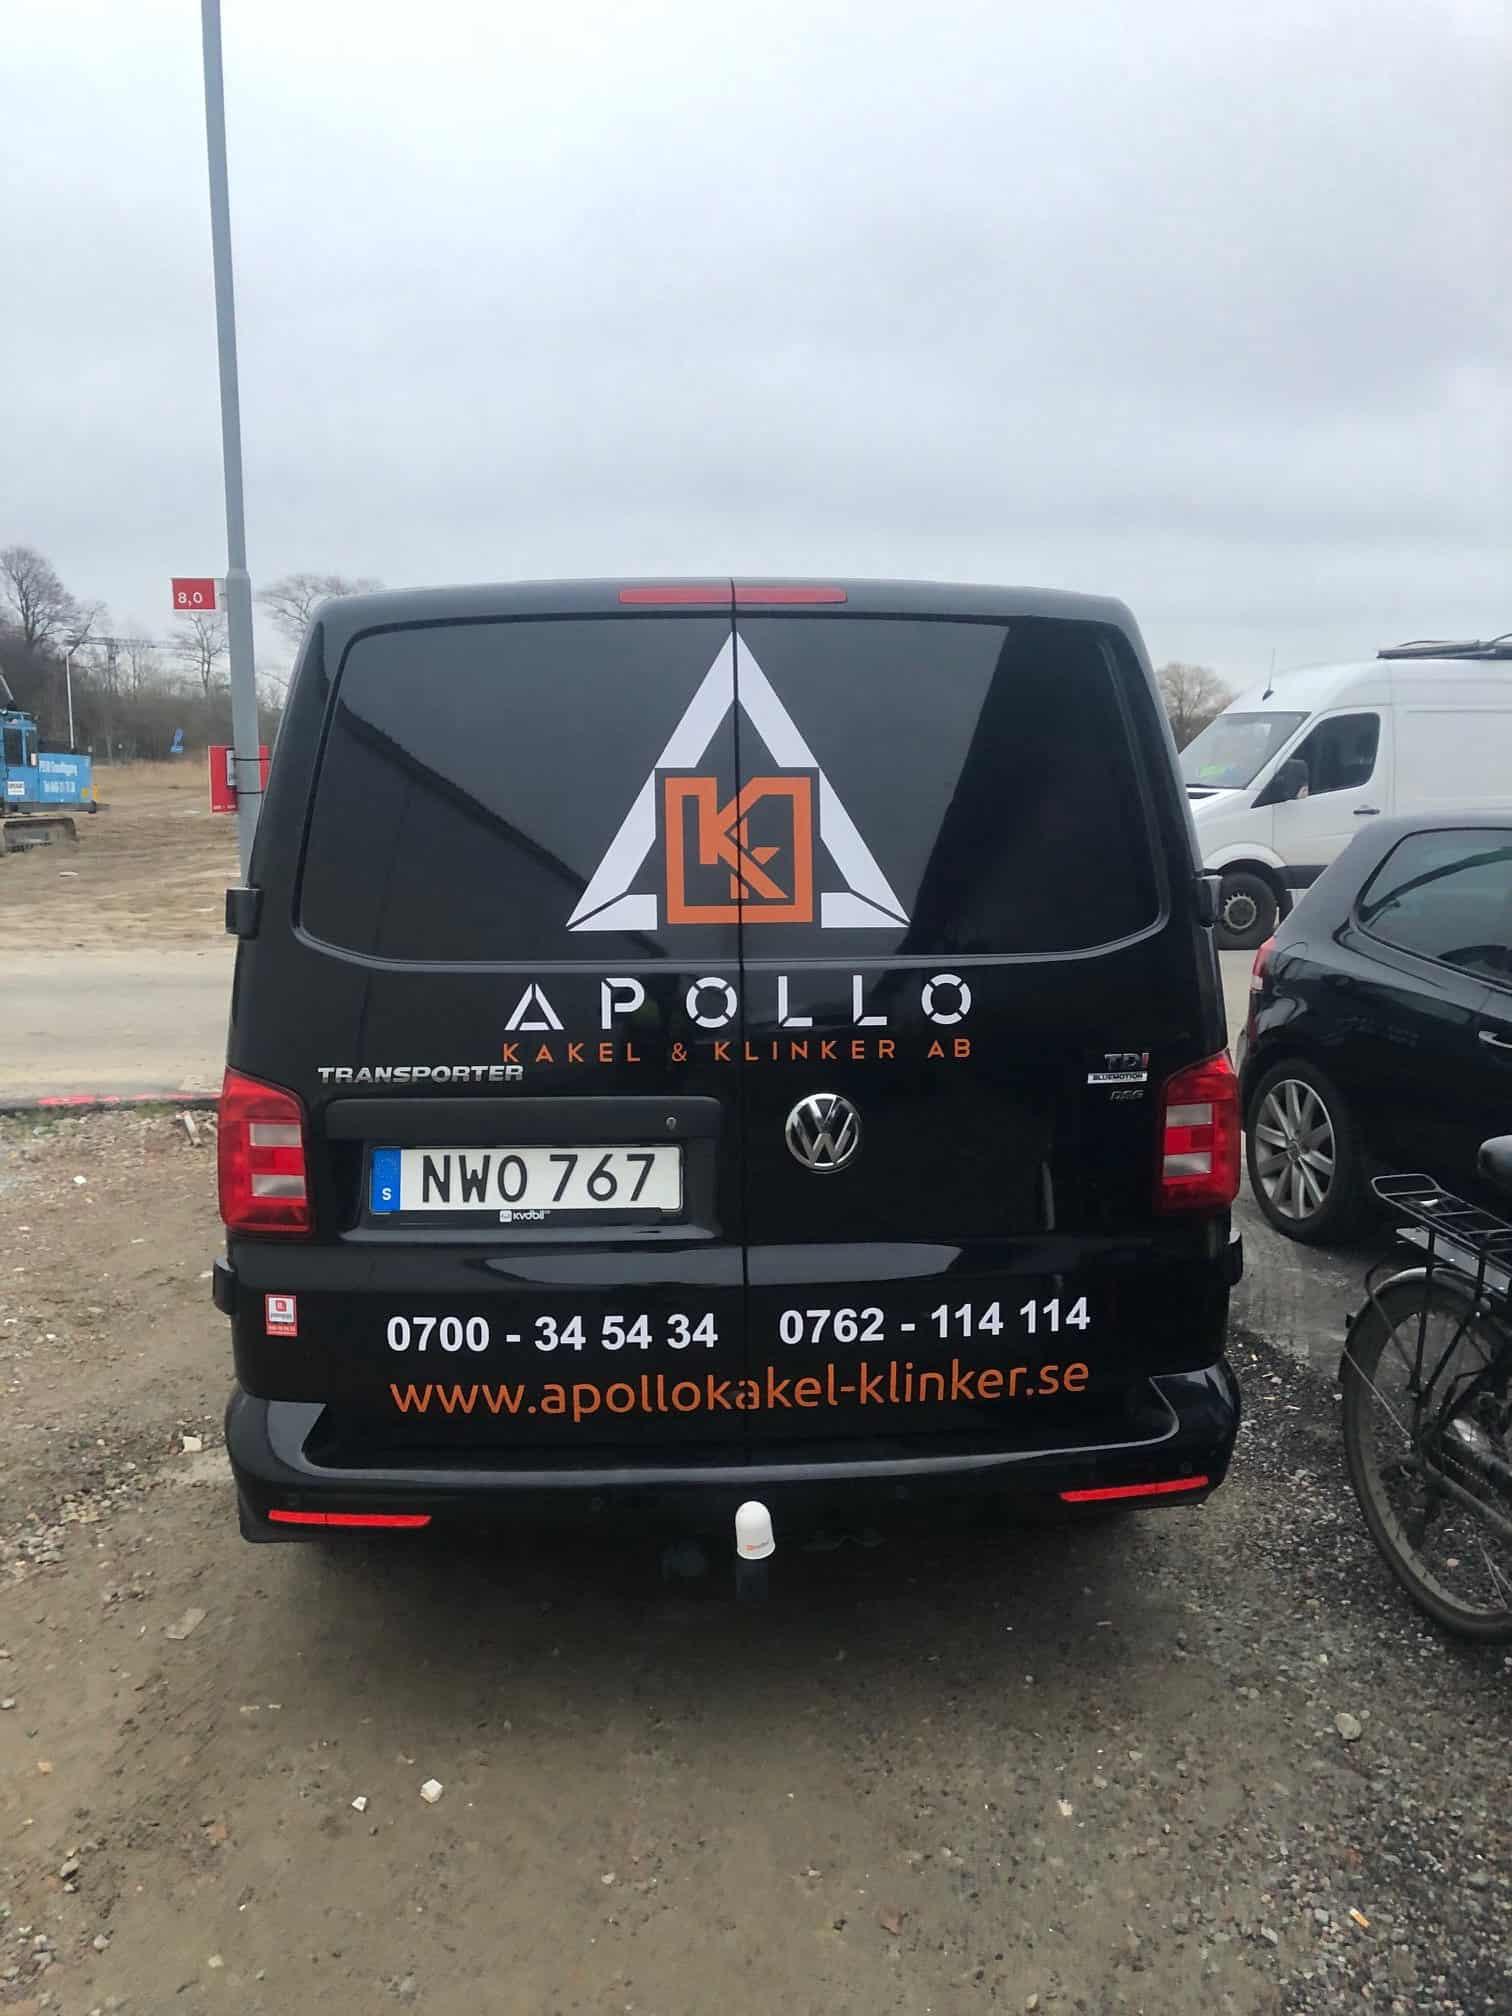 """Referensjobb """""""" utfört av Apollo Kakel & Klinker AB"""